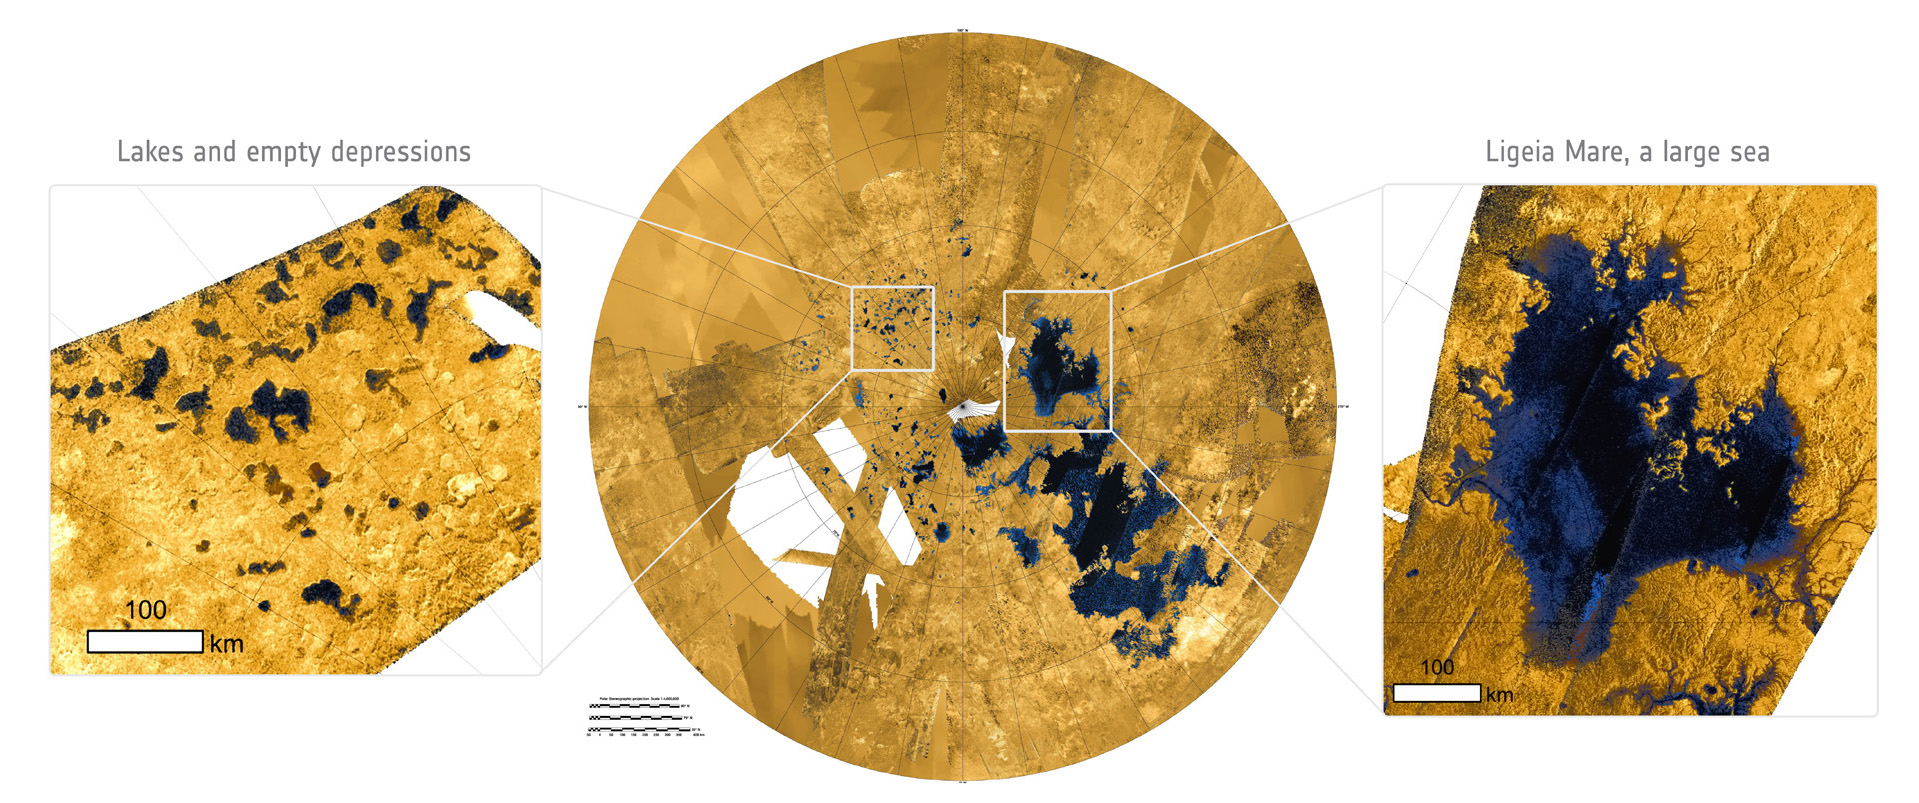 1567215822955-Cassini_Lakes_and_seas_on_Titan.jpg